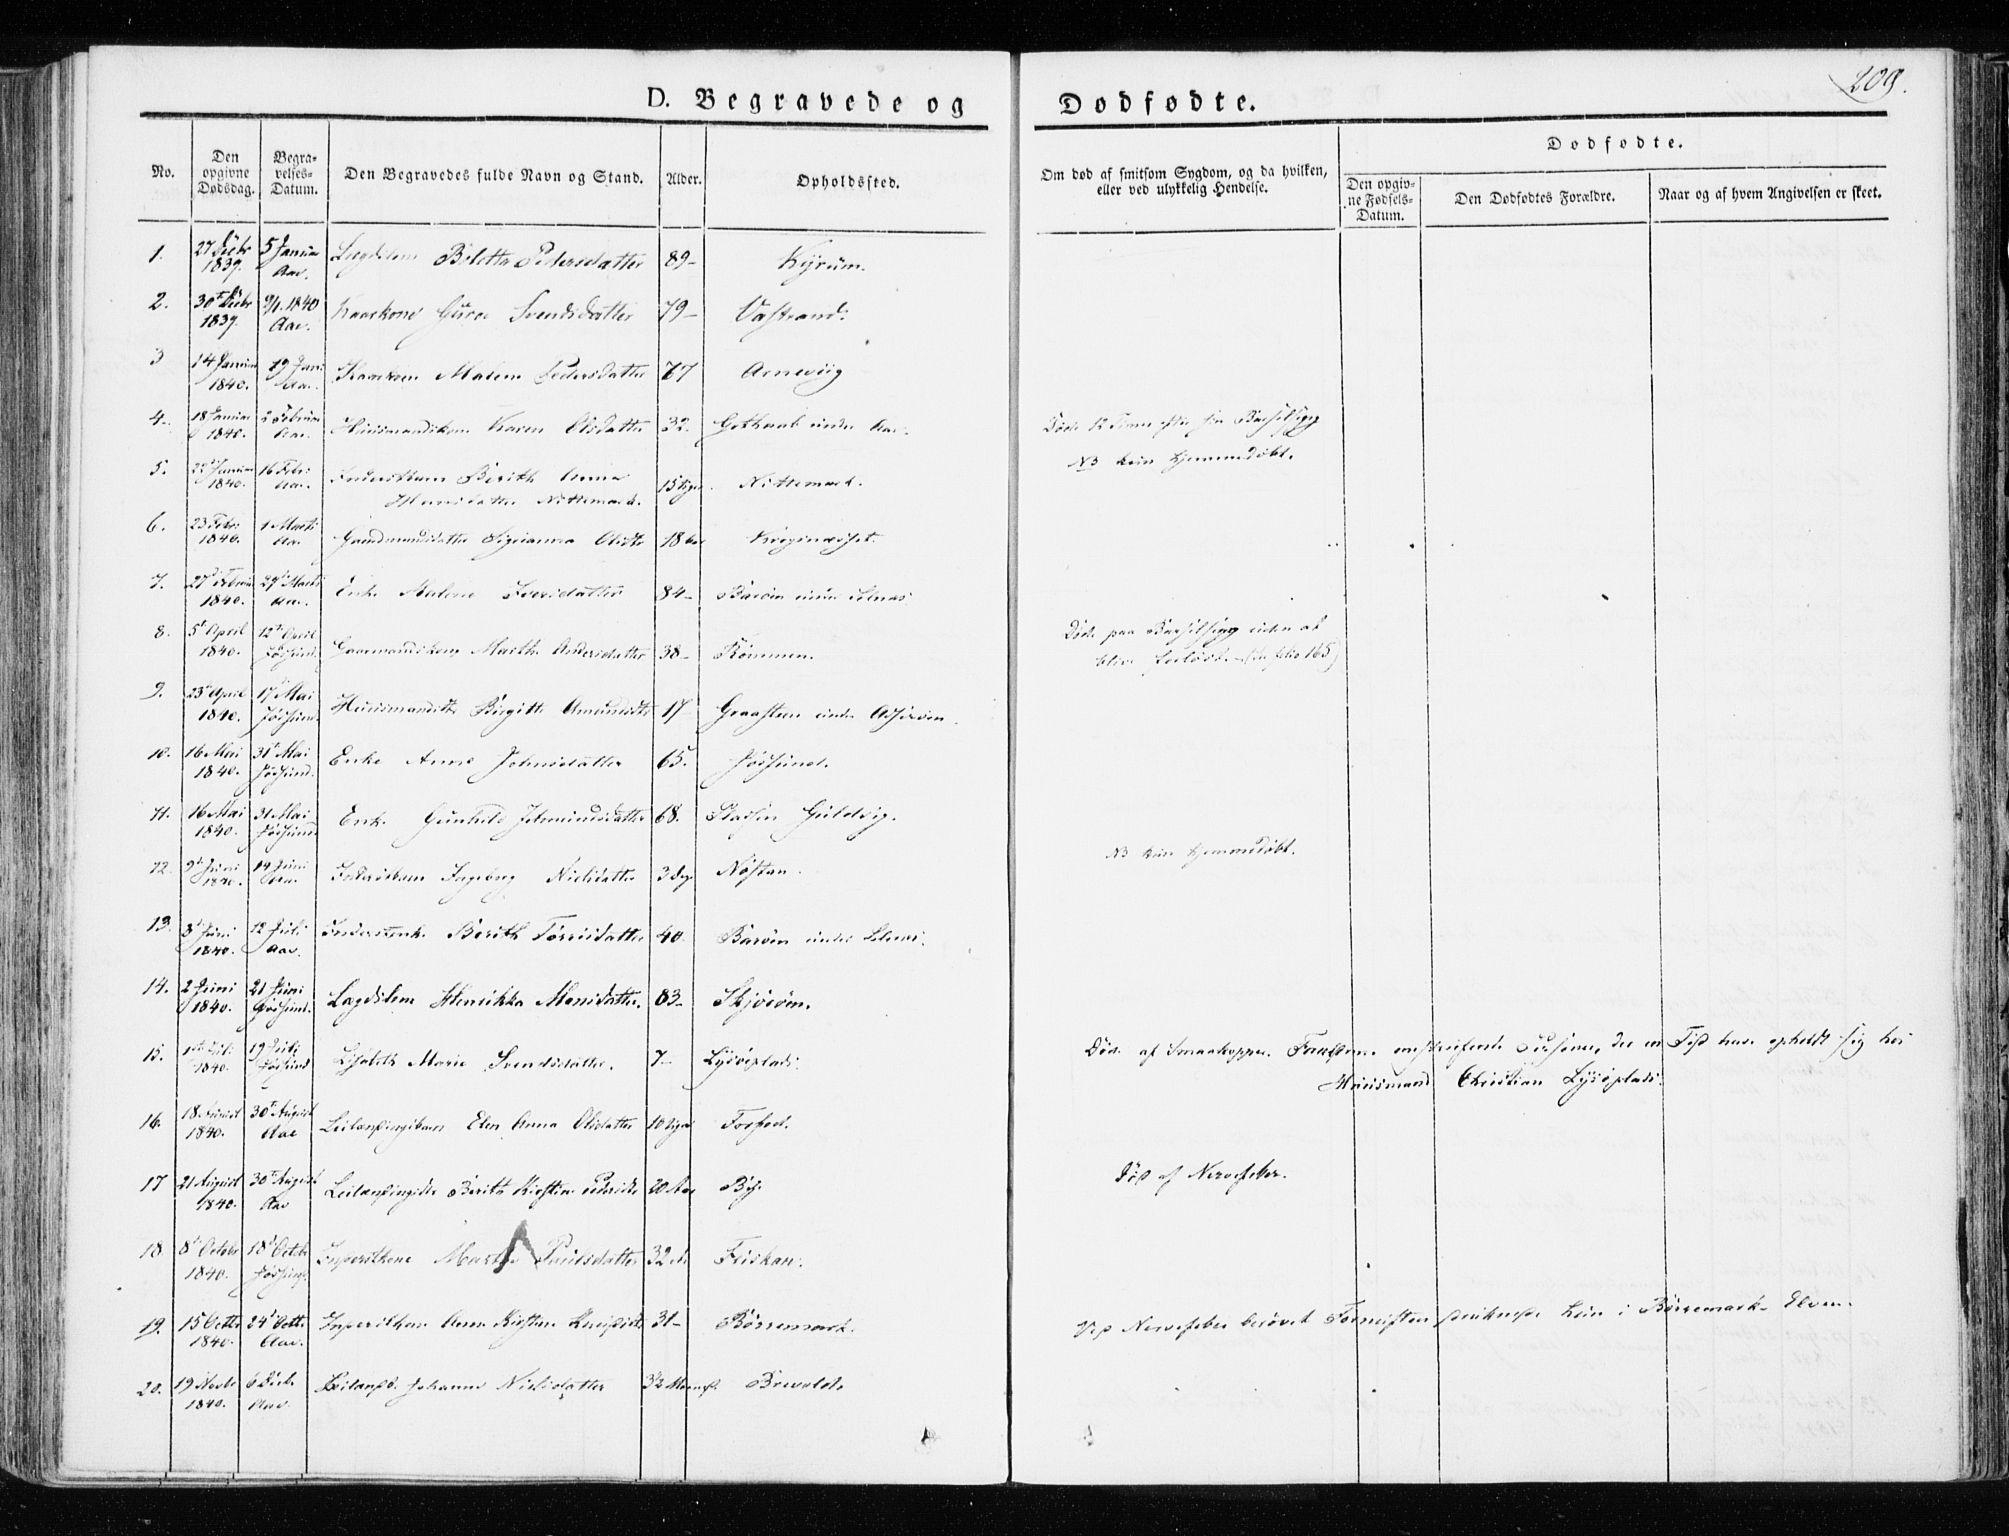 SAT, Ministerialprotokoller, klokkerbøker og fødselsregistre - Sør-Trøndelag, 655/L0676: Ministerialbok nr. 655A05, 1830-1847, s. 209